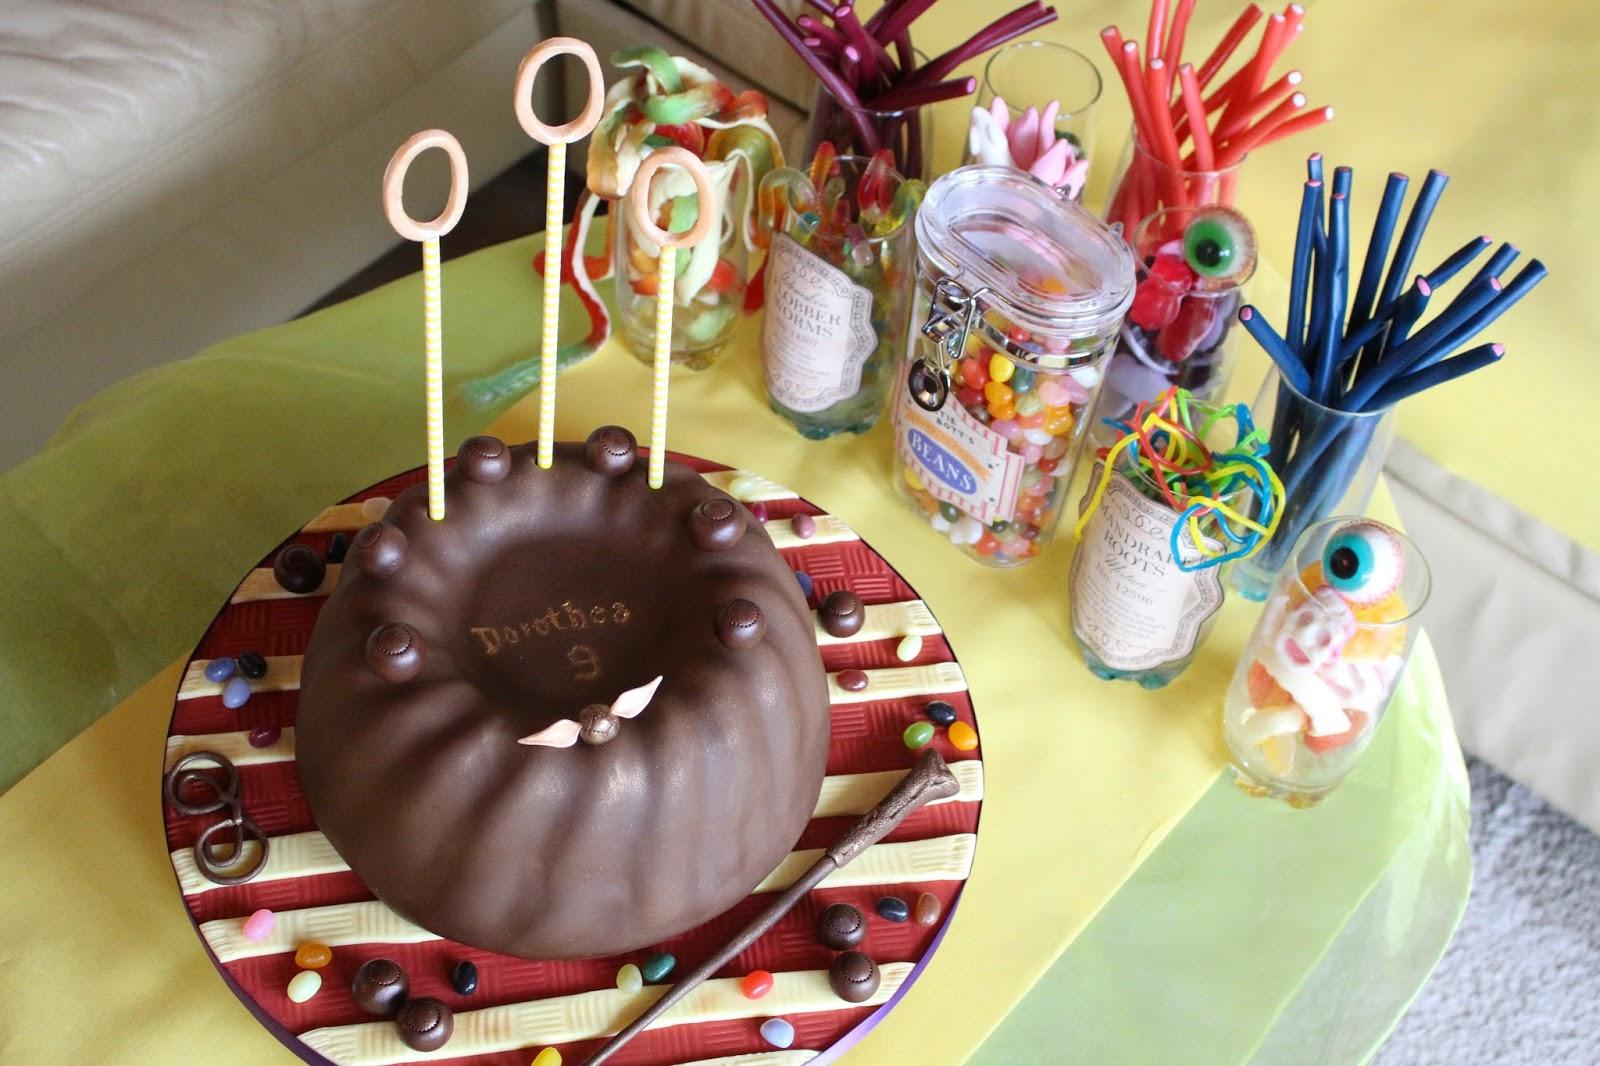 Harry Potter Kuchen Deko Selber Machen Kuchen Selber Machen Geburtstag